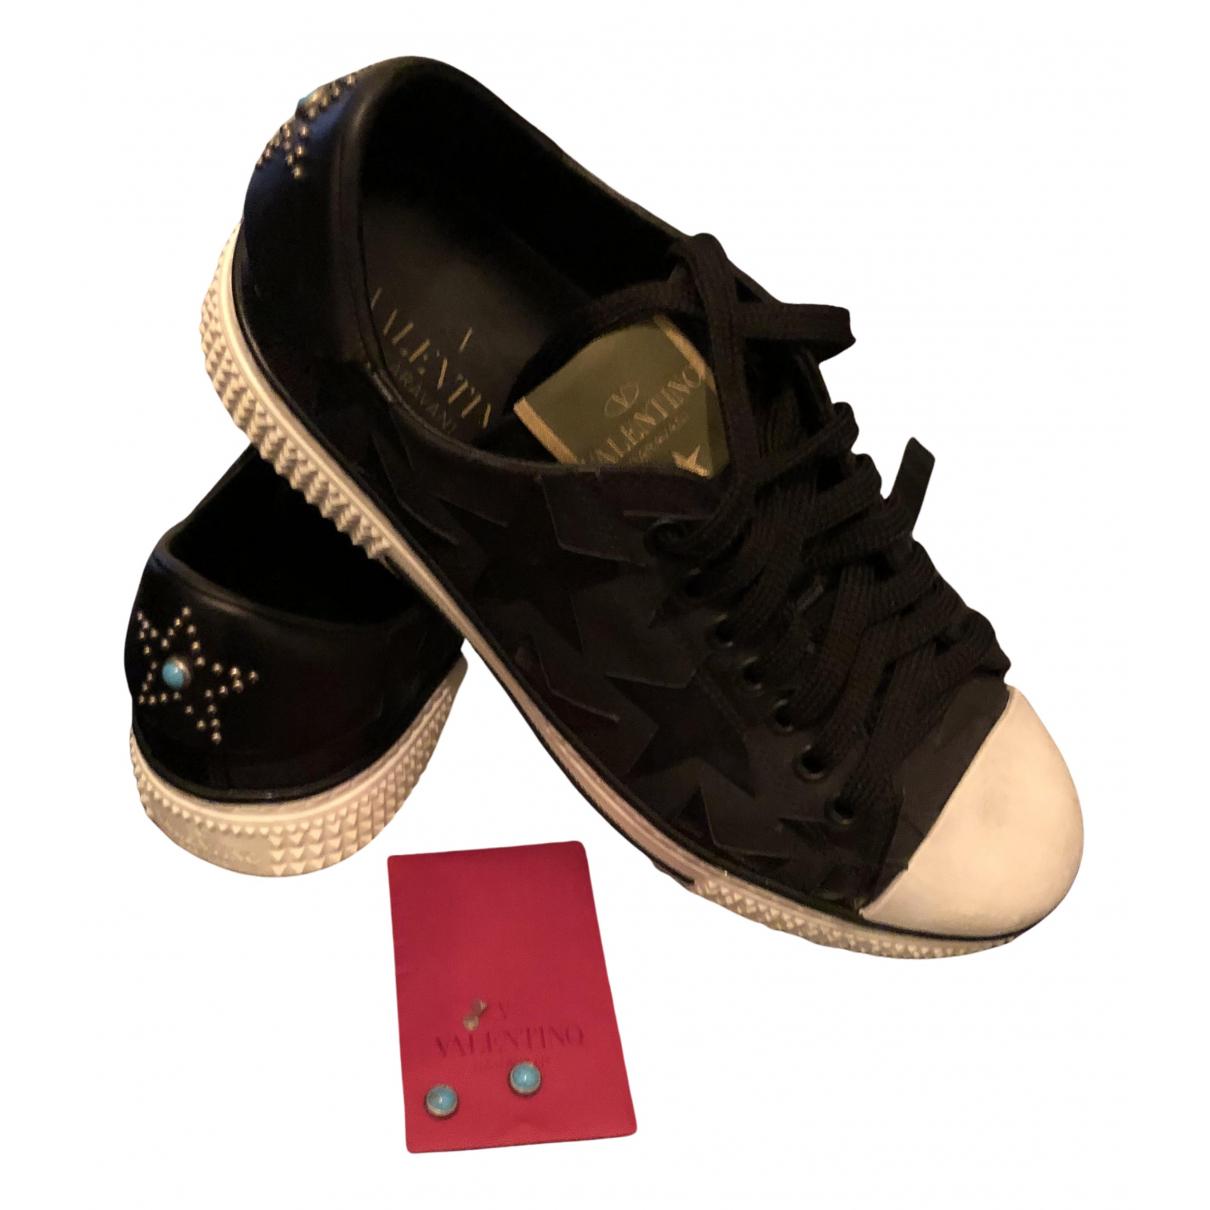 Valentino Garavani - Baskets   pour femme en cuir - noir